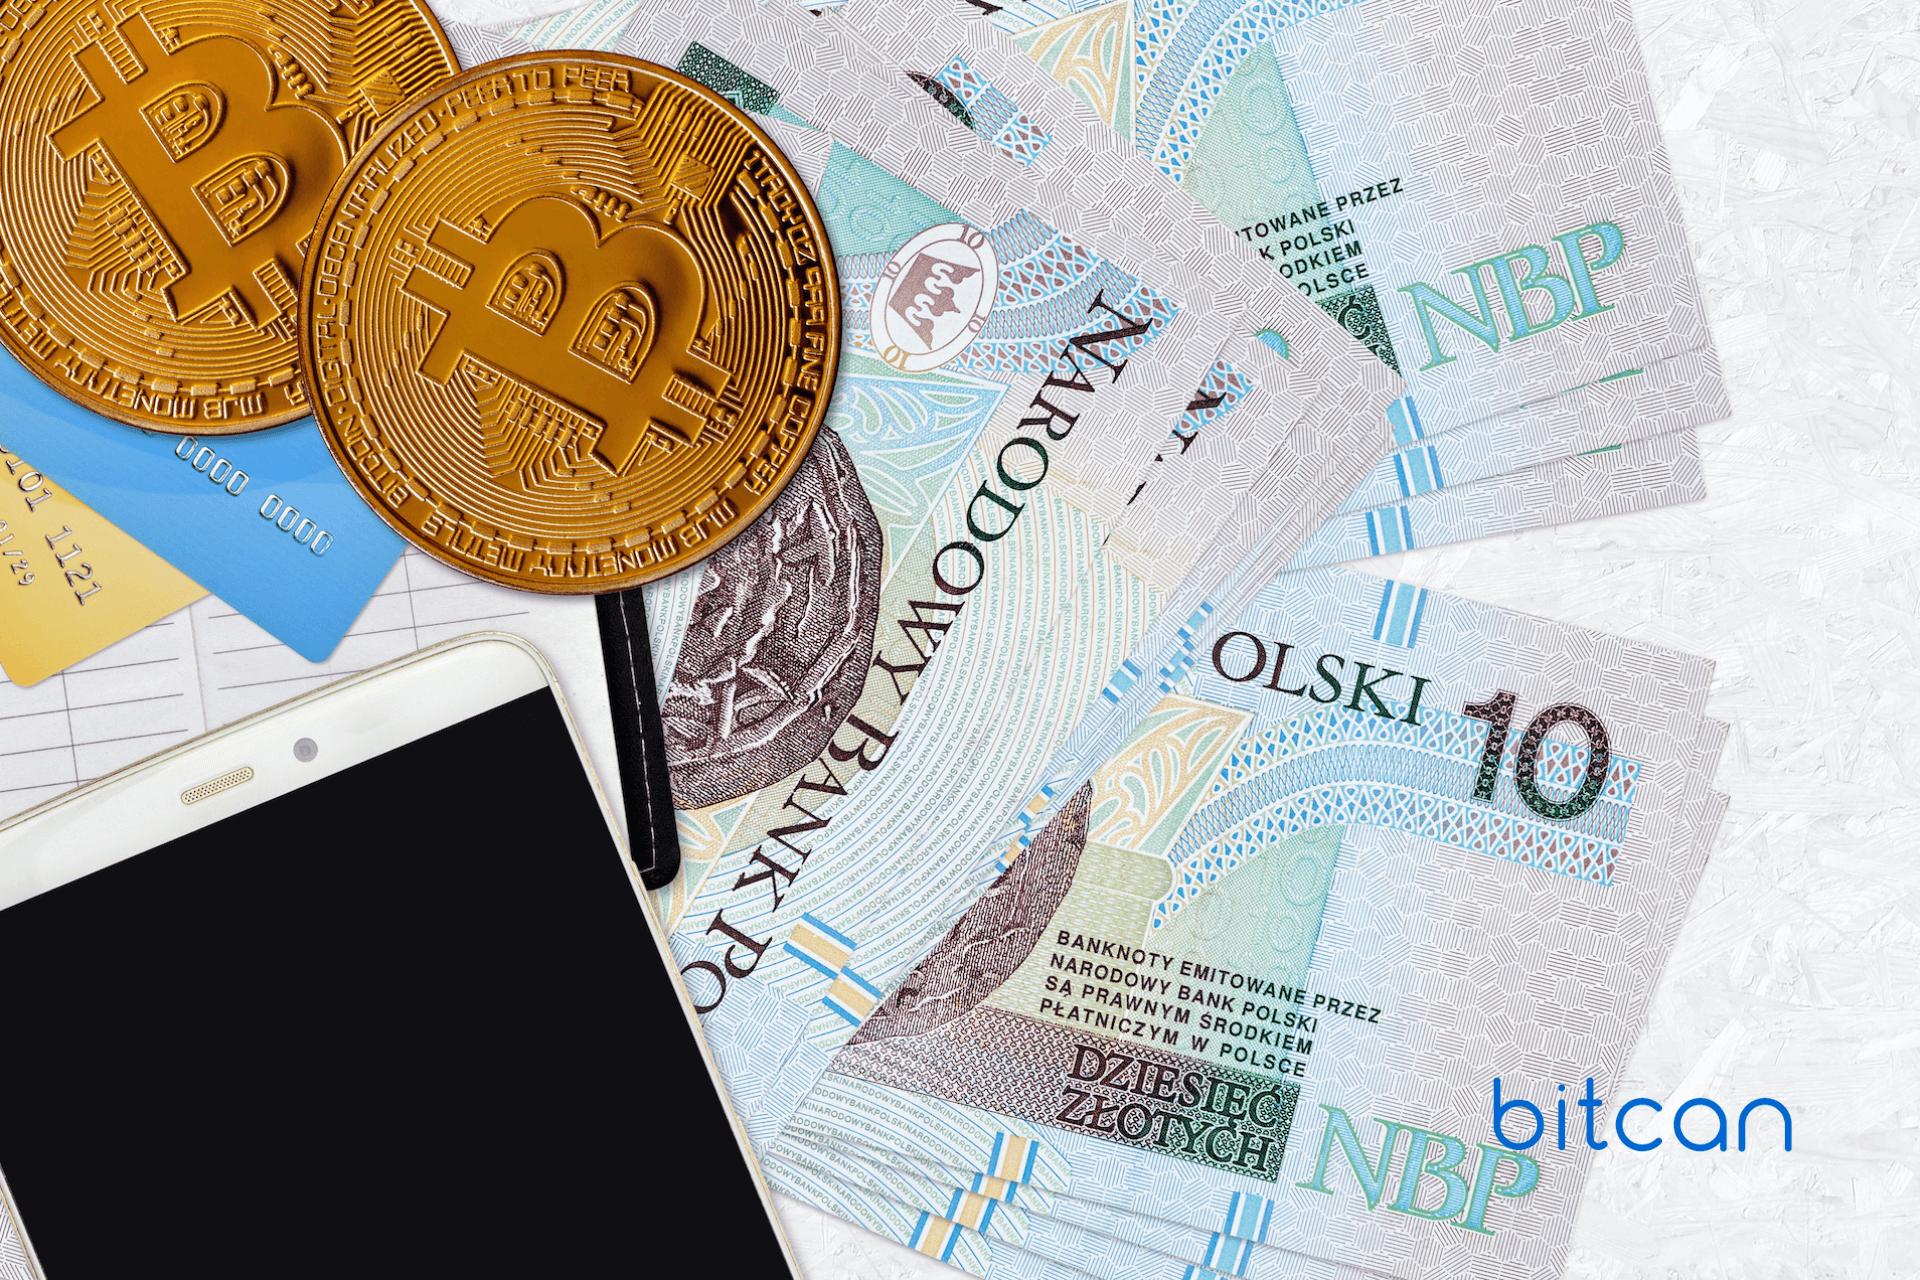 Szybka wymiana kryptowalut — wybierz najlepszy kantor BTC